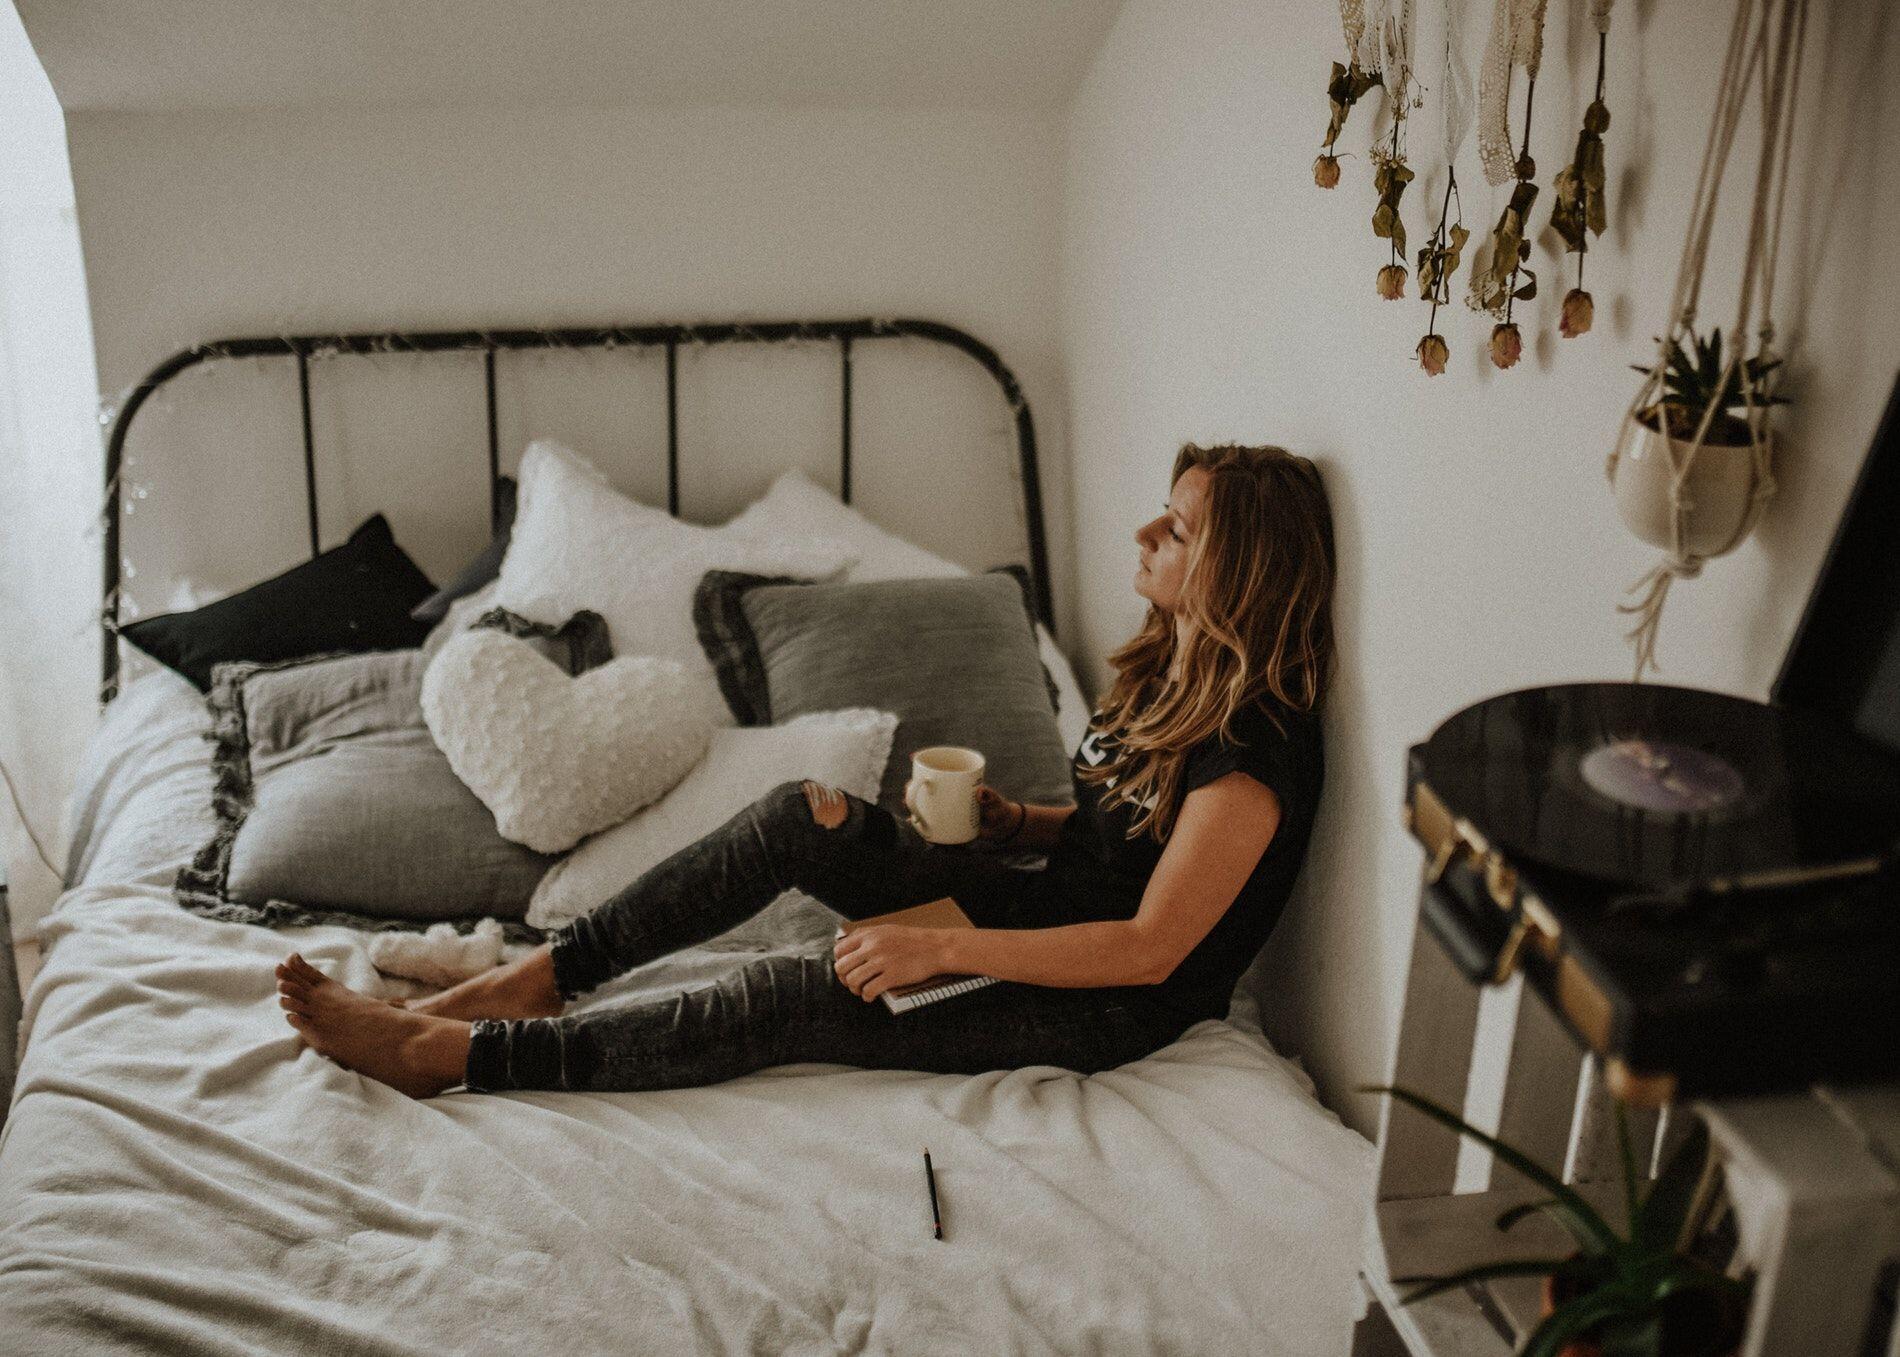 Lebih Santai, Lakukan 8 Hal Ini Agar Pagimu Lebih Terkendali